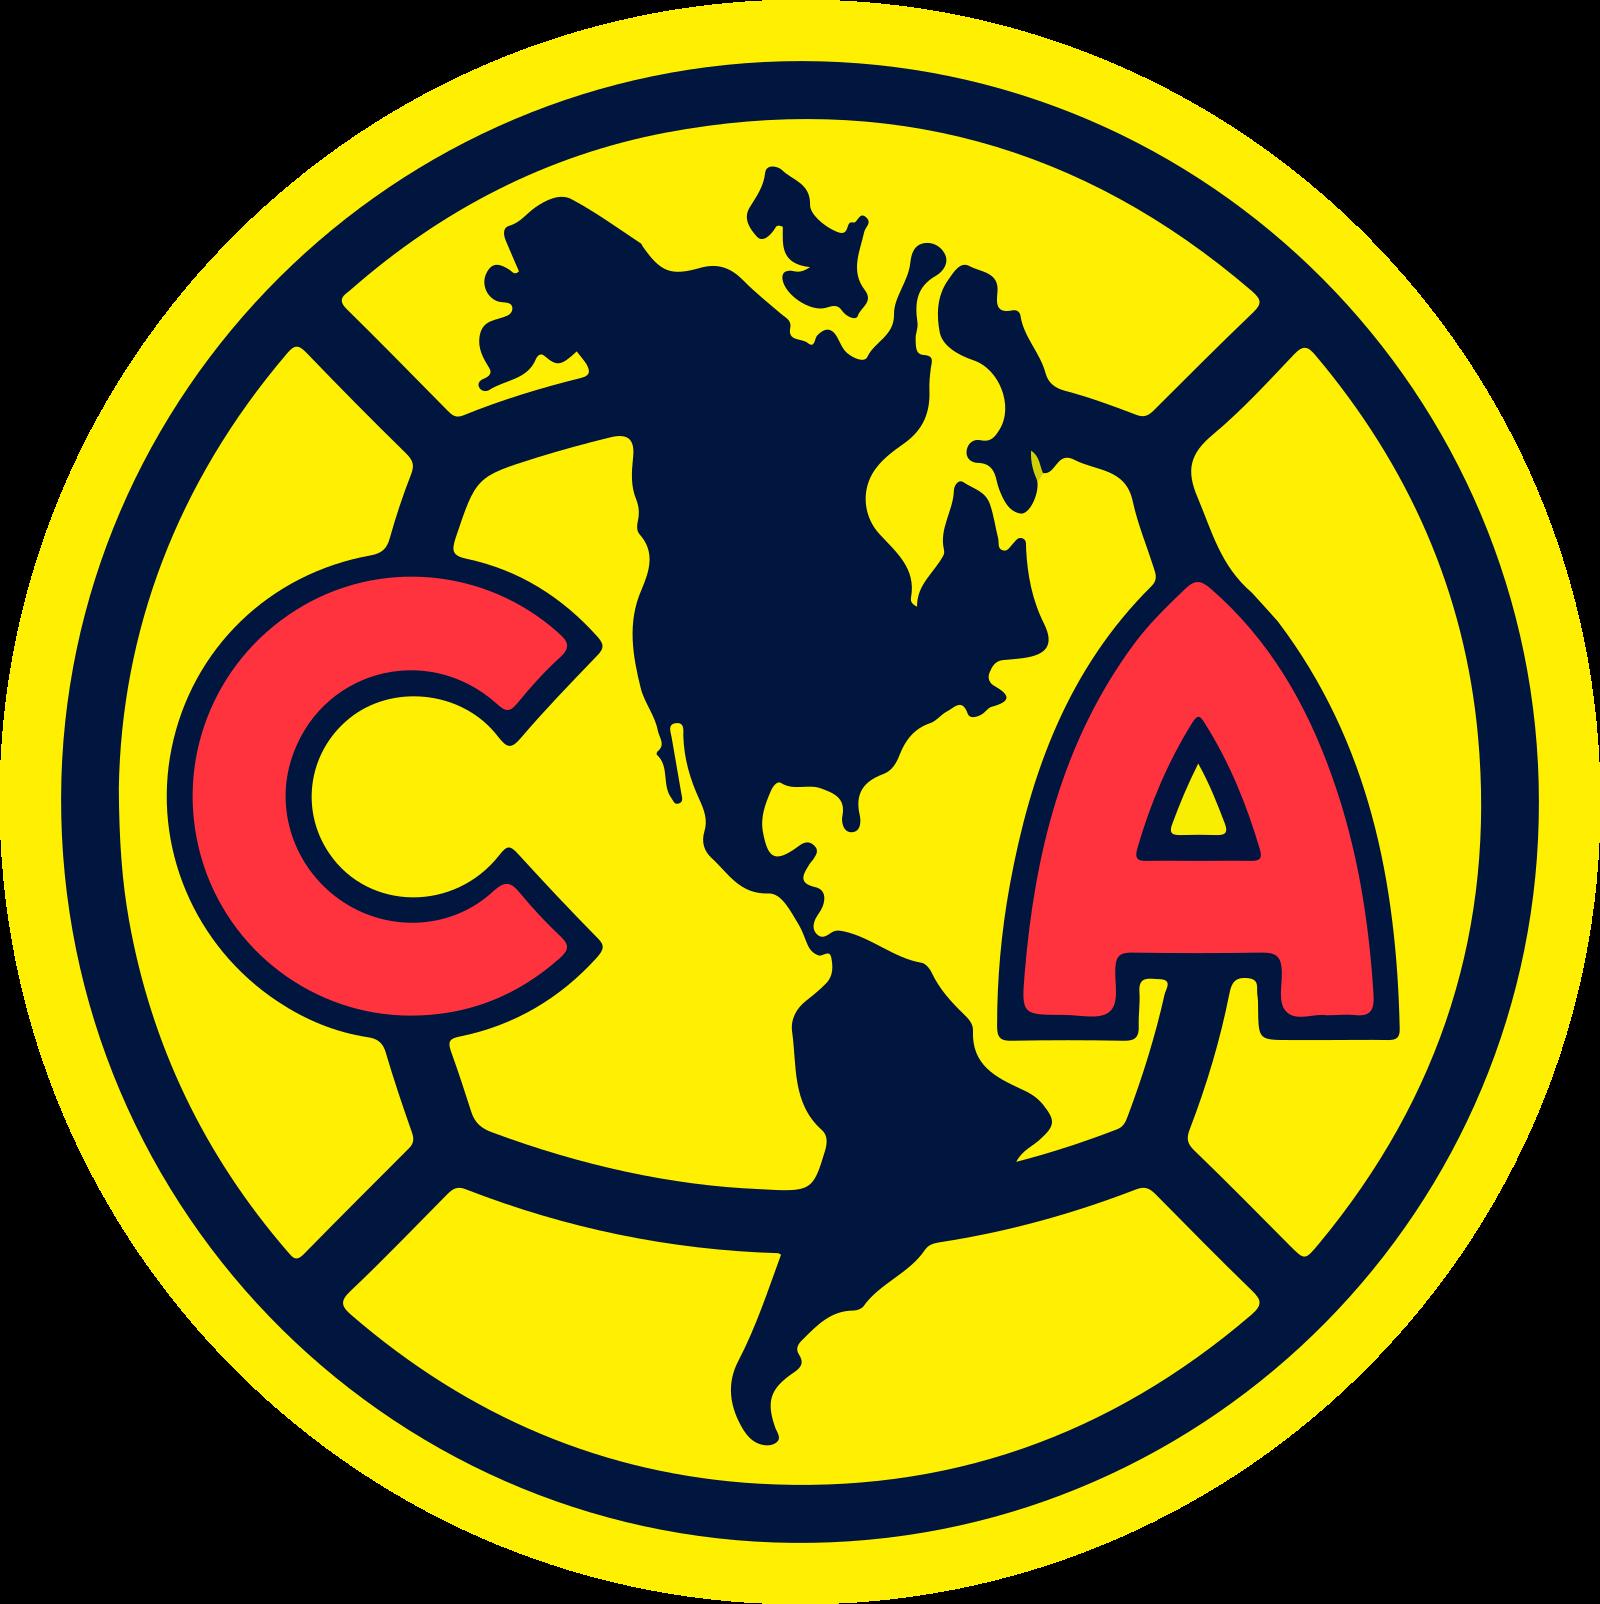 america mexico logo 2 - Club América Logo - Escudo